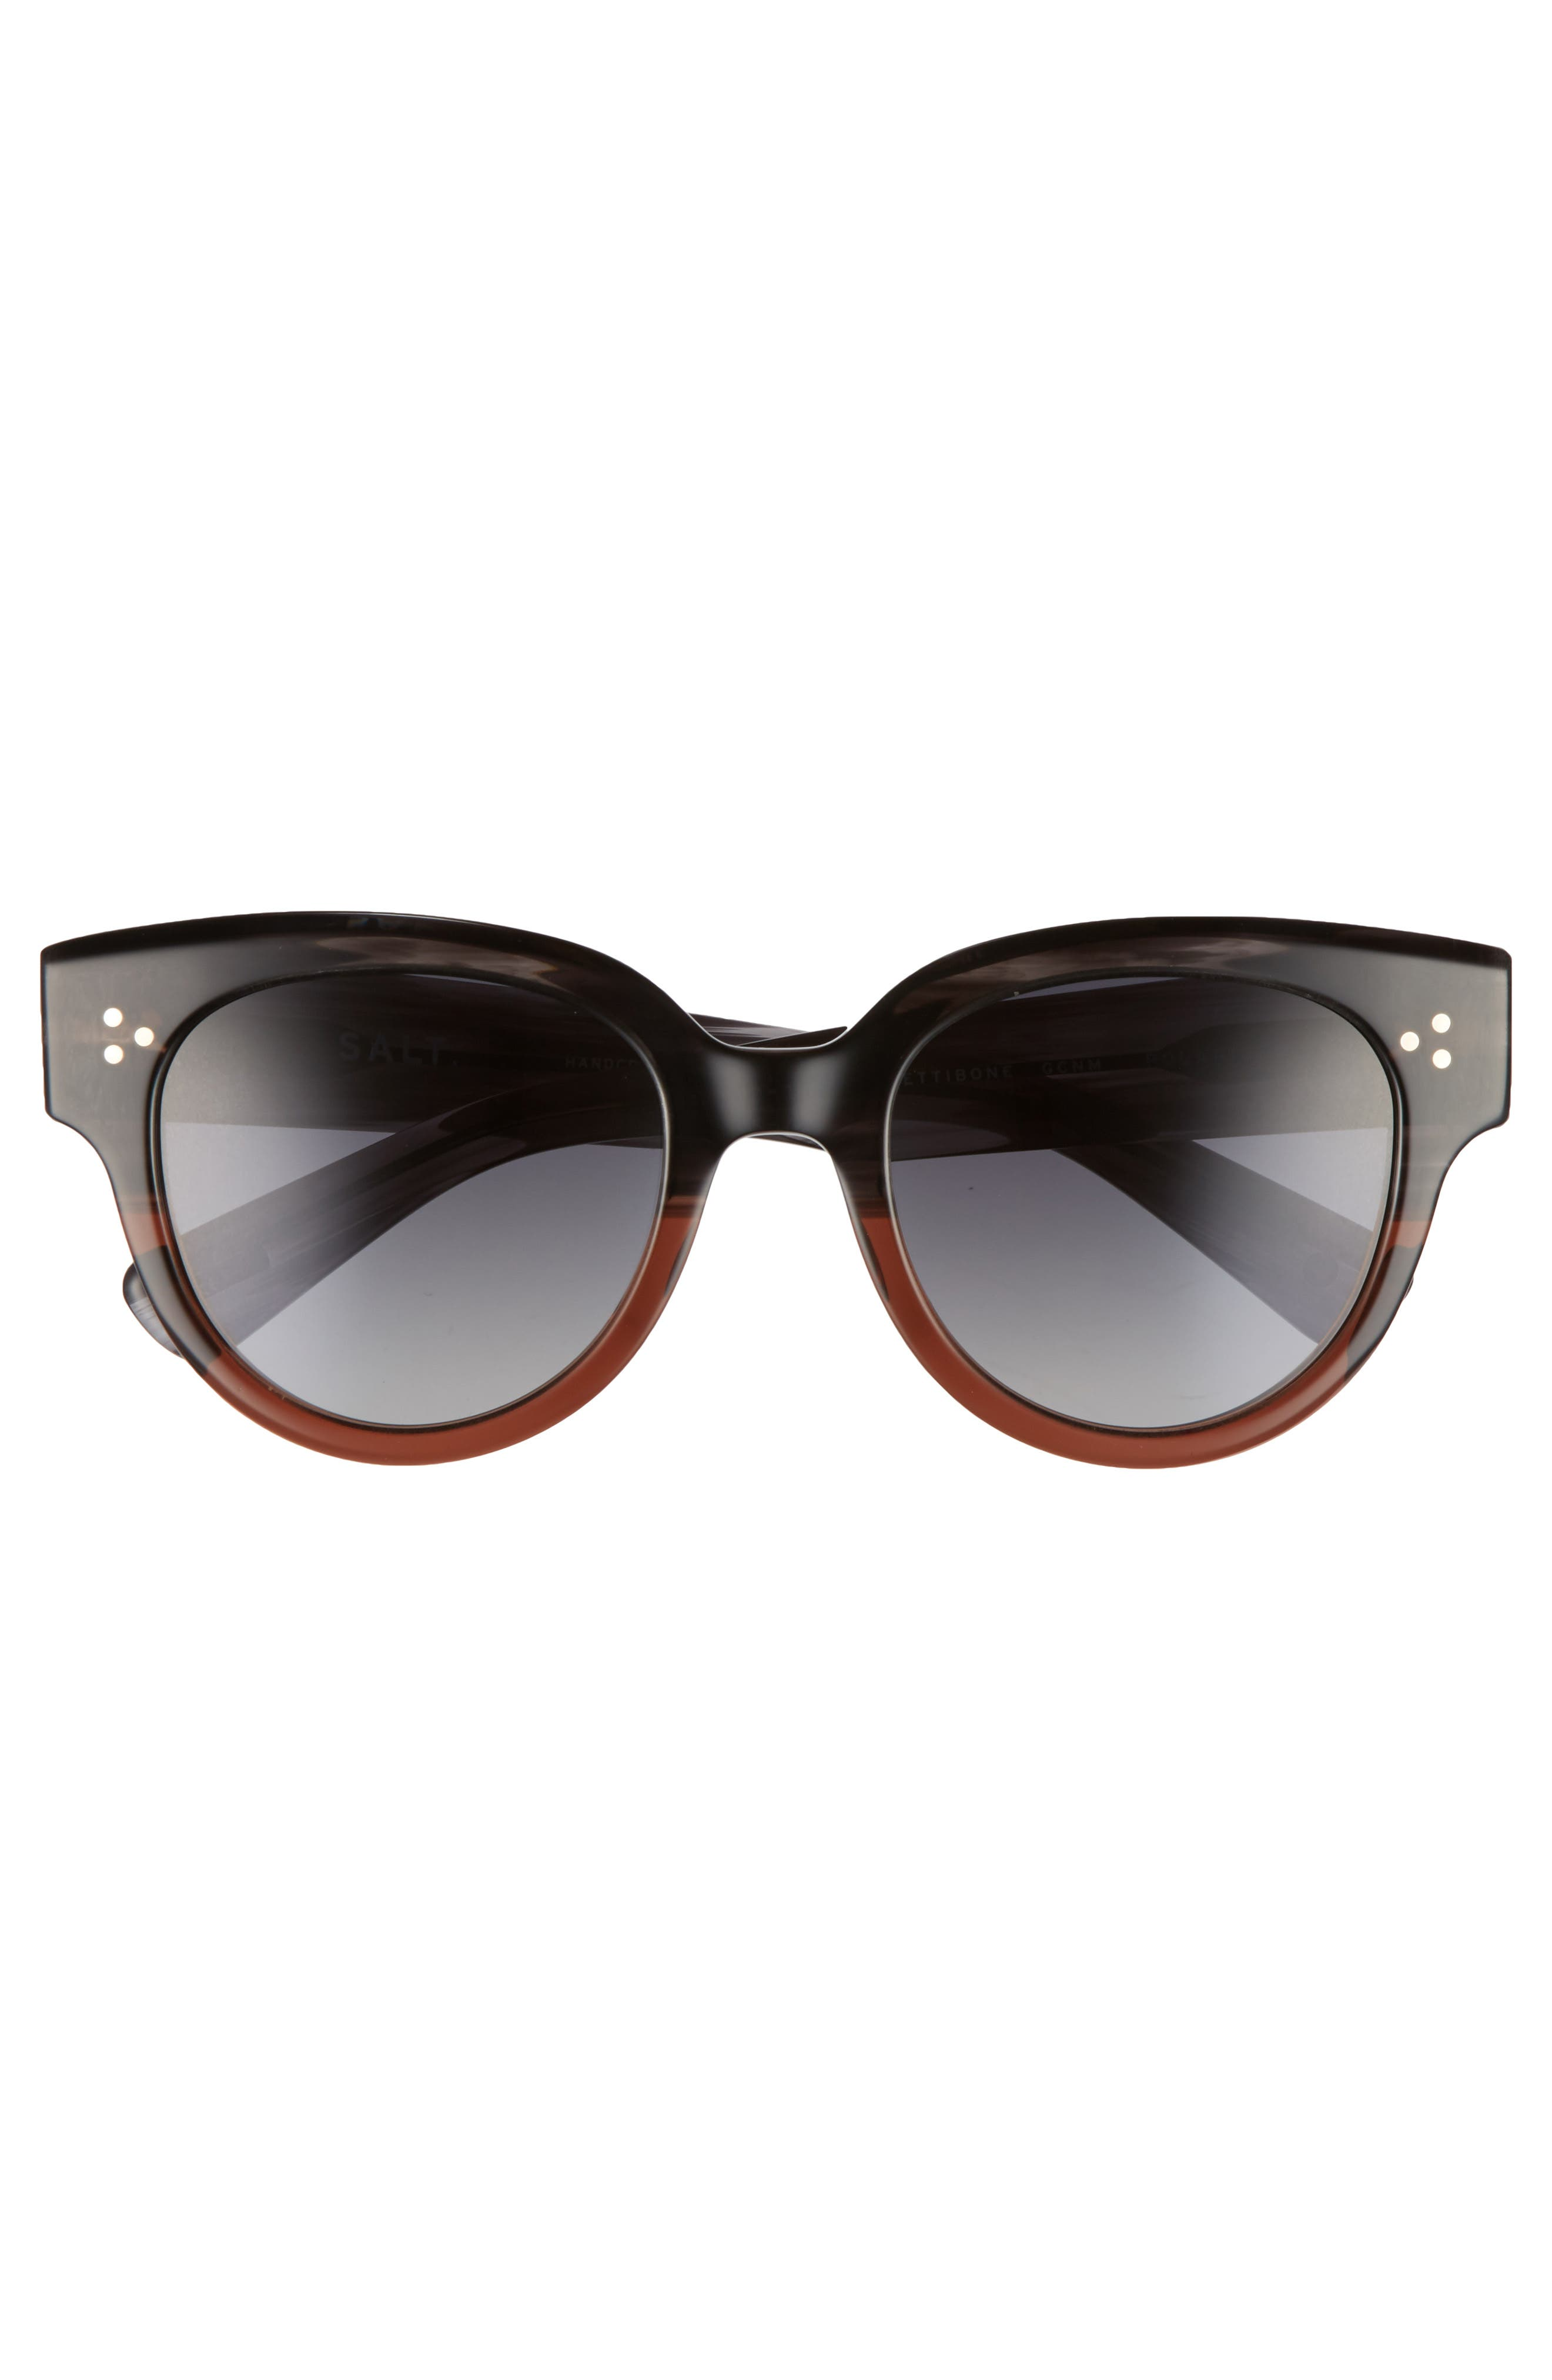 Pettibone 52mm Polarized Sunglasses,                             Alternate thumbnail 10, color,